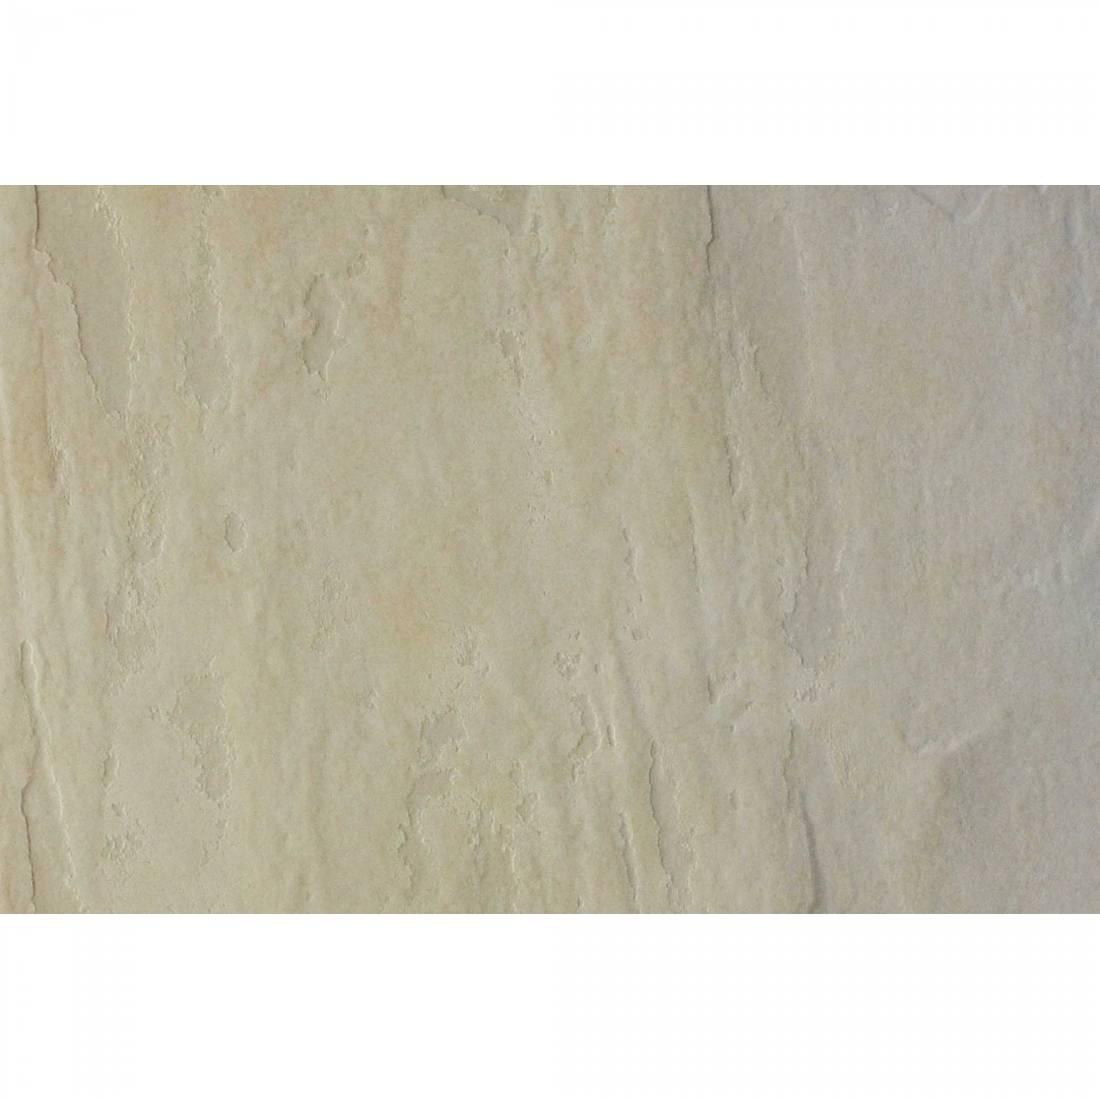 Rain Forest 32.5x48.5 White 1